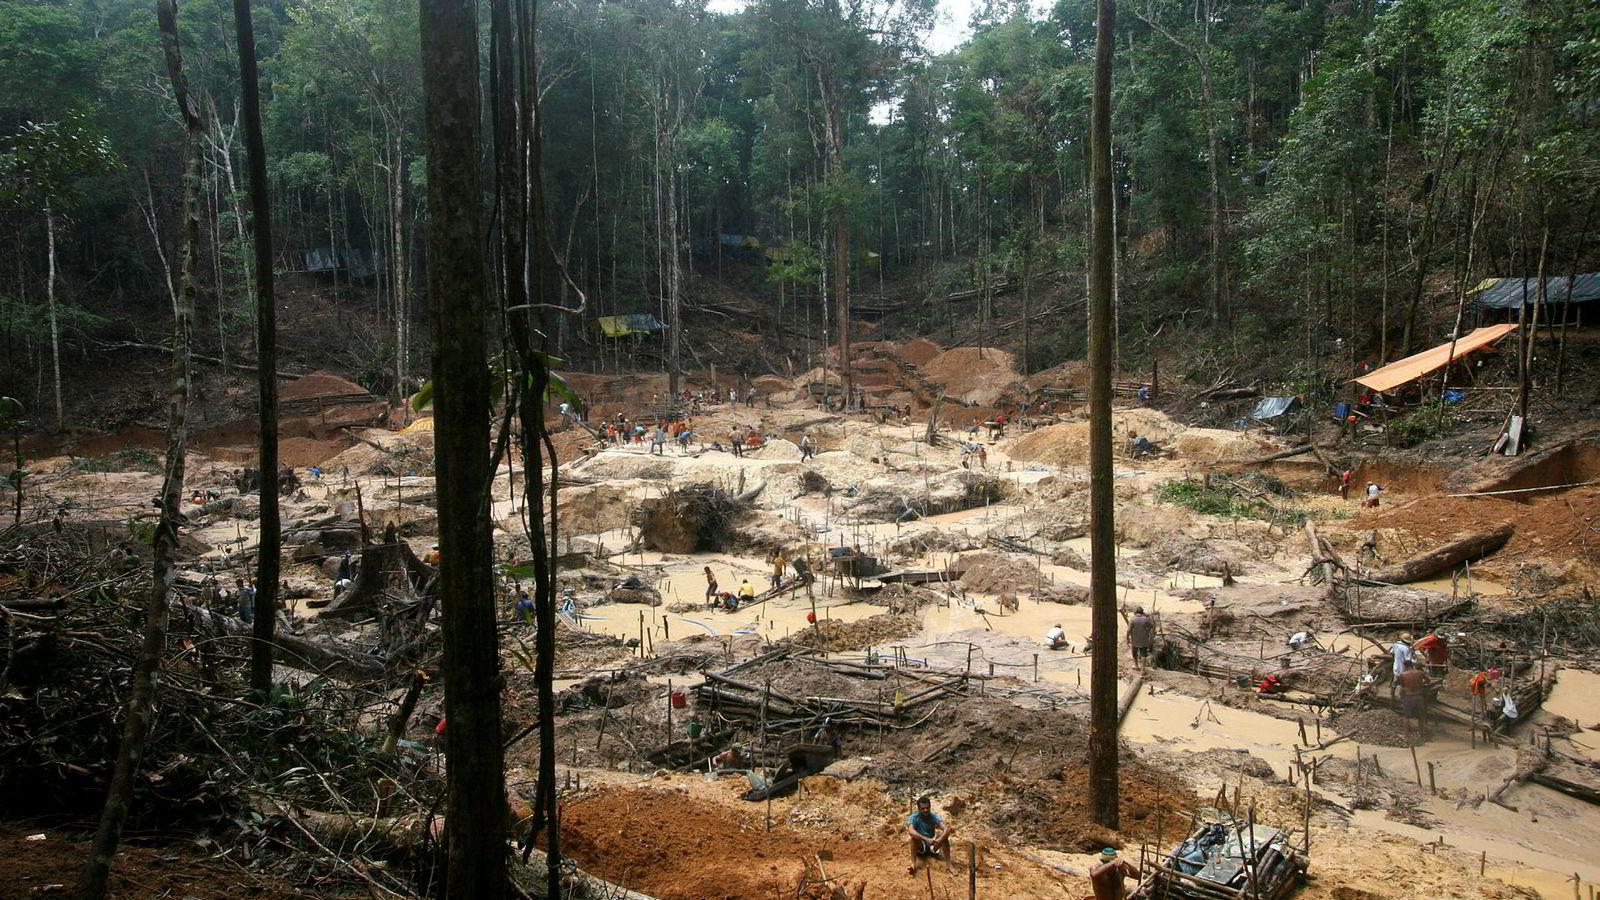 Kravet om vern av regnskogen bør være ufravikelig for Norge. Det kan også danne en presedens, skriver artikkelforfatteren. Her fra regnskogen i Amazonas, Brasil, der avskoging er et stort problem.